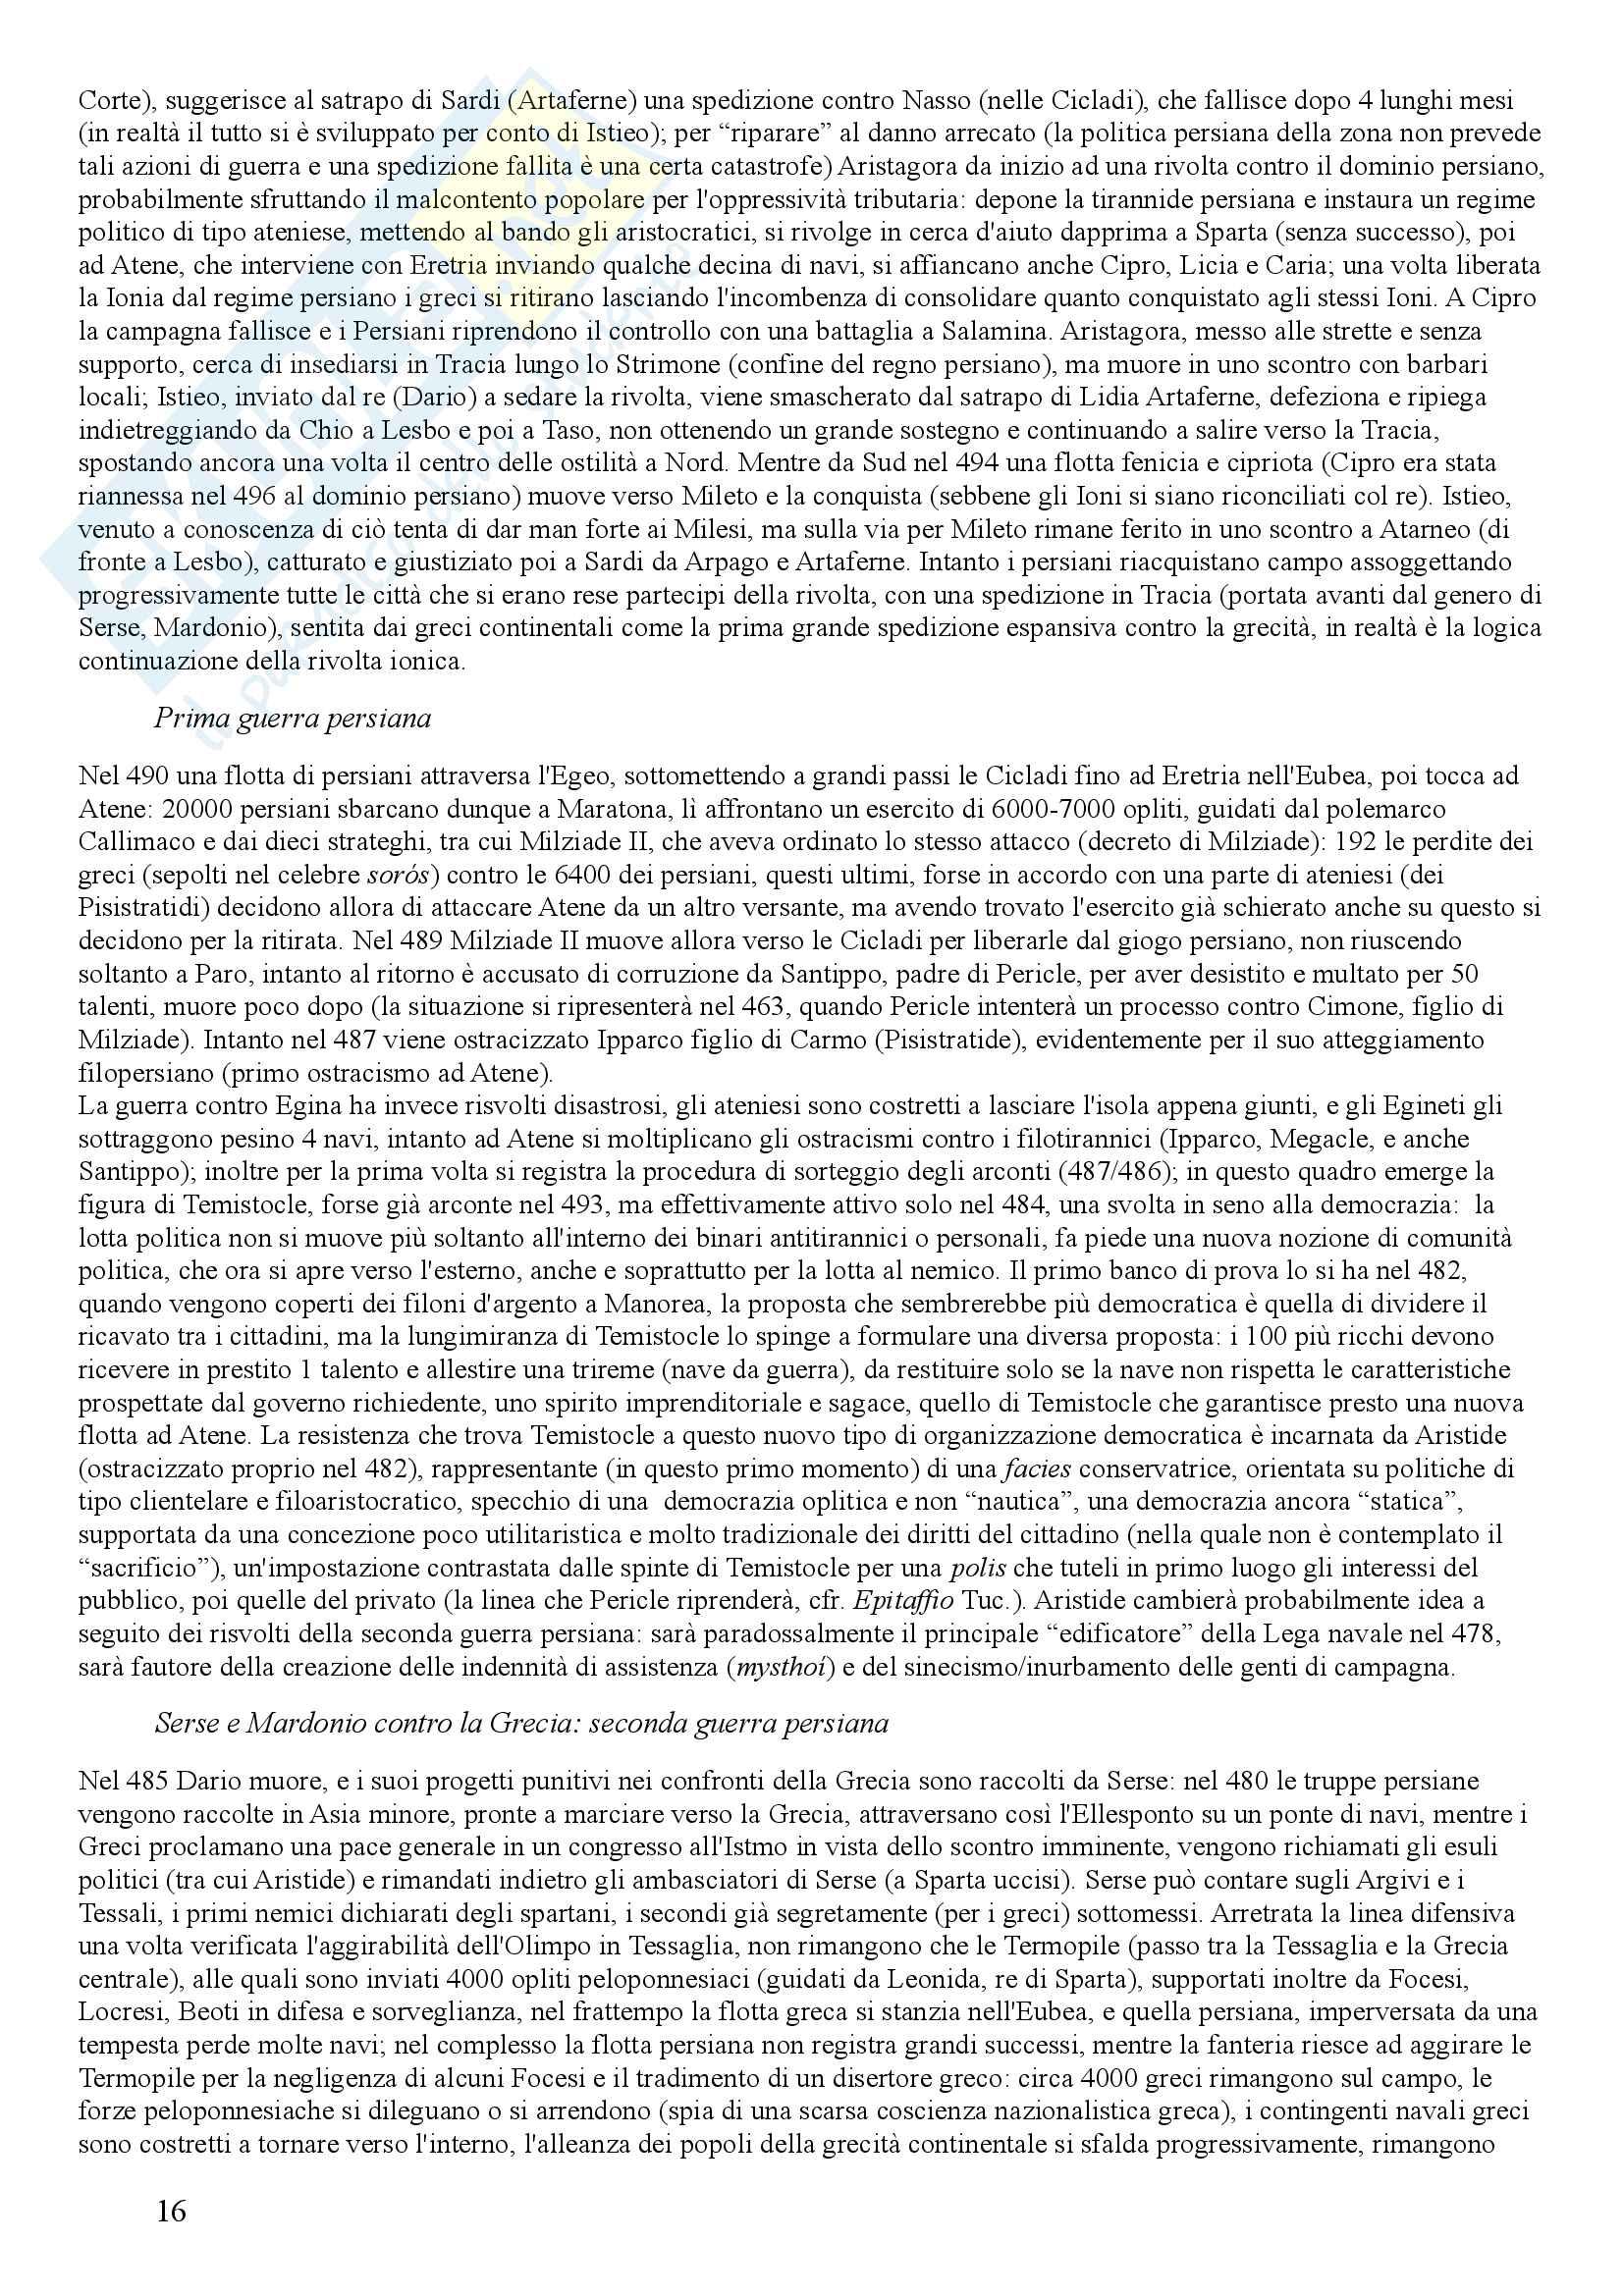 """Riassunto esame Storia greca, docente U. Bultrighini, testo consigliato Domenico Musti -""""Linee di sviluppo dall'età micenea all'età romana"""" Pag. 16"""